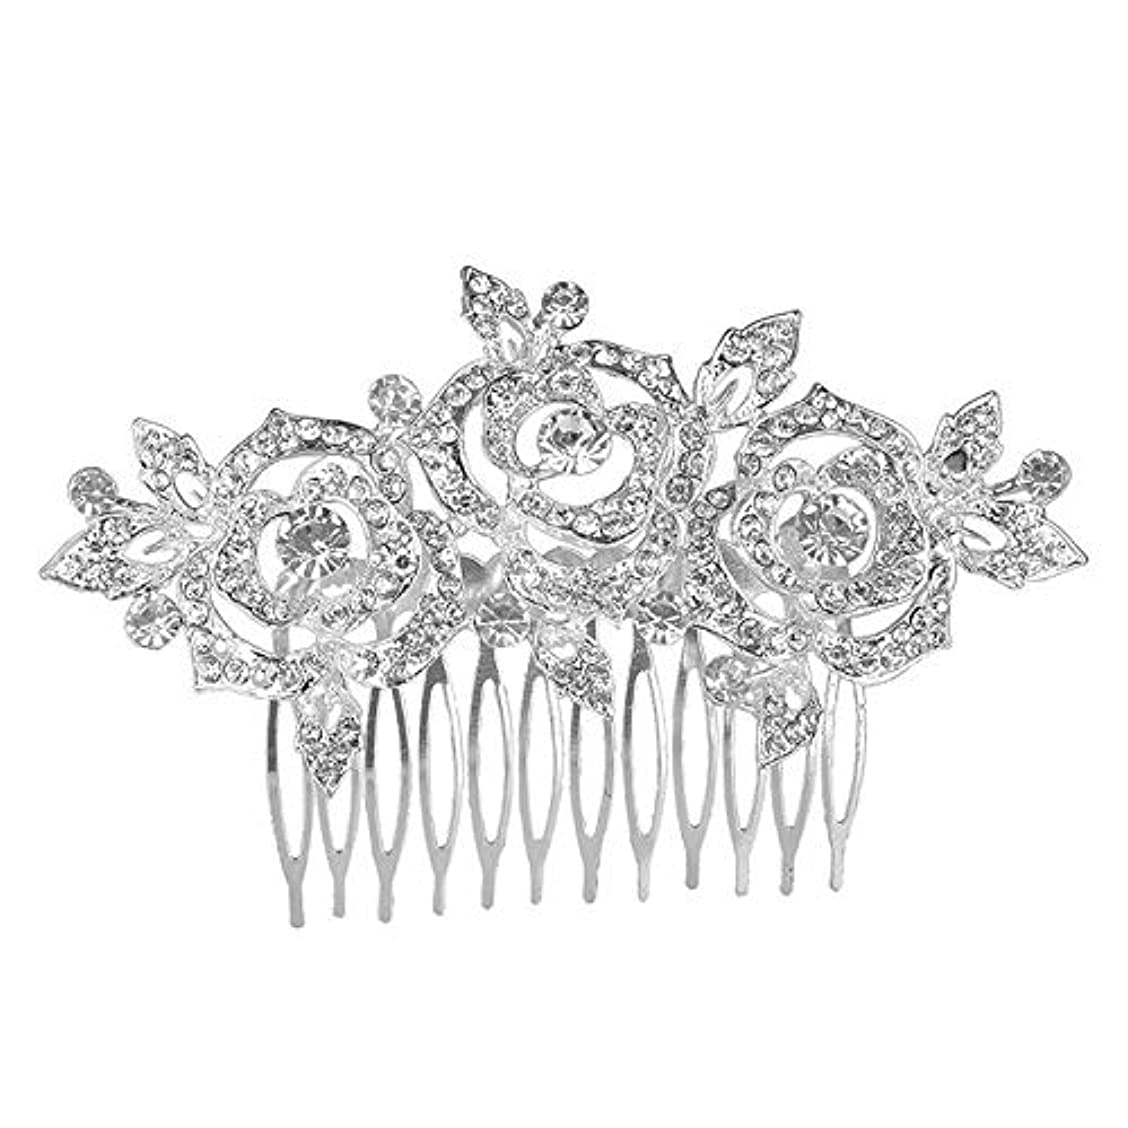 貴重なシニス憲法髪の櫛挿入櫛花嫁の髪櫛クラウン髪の櫛結婚式の付属品櫛の髪の櫛花の櫛の櫛ブライダルヘッドドレス